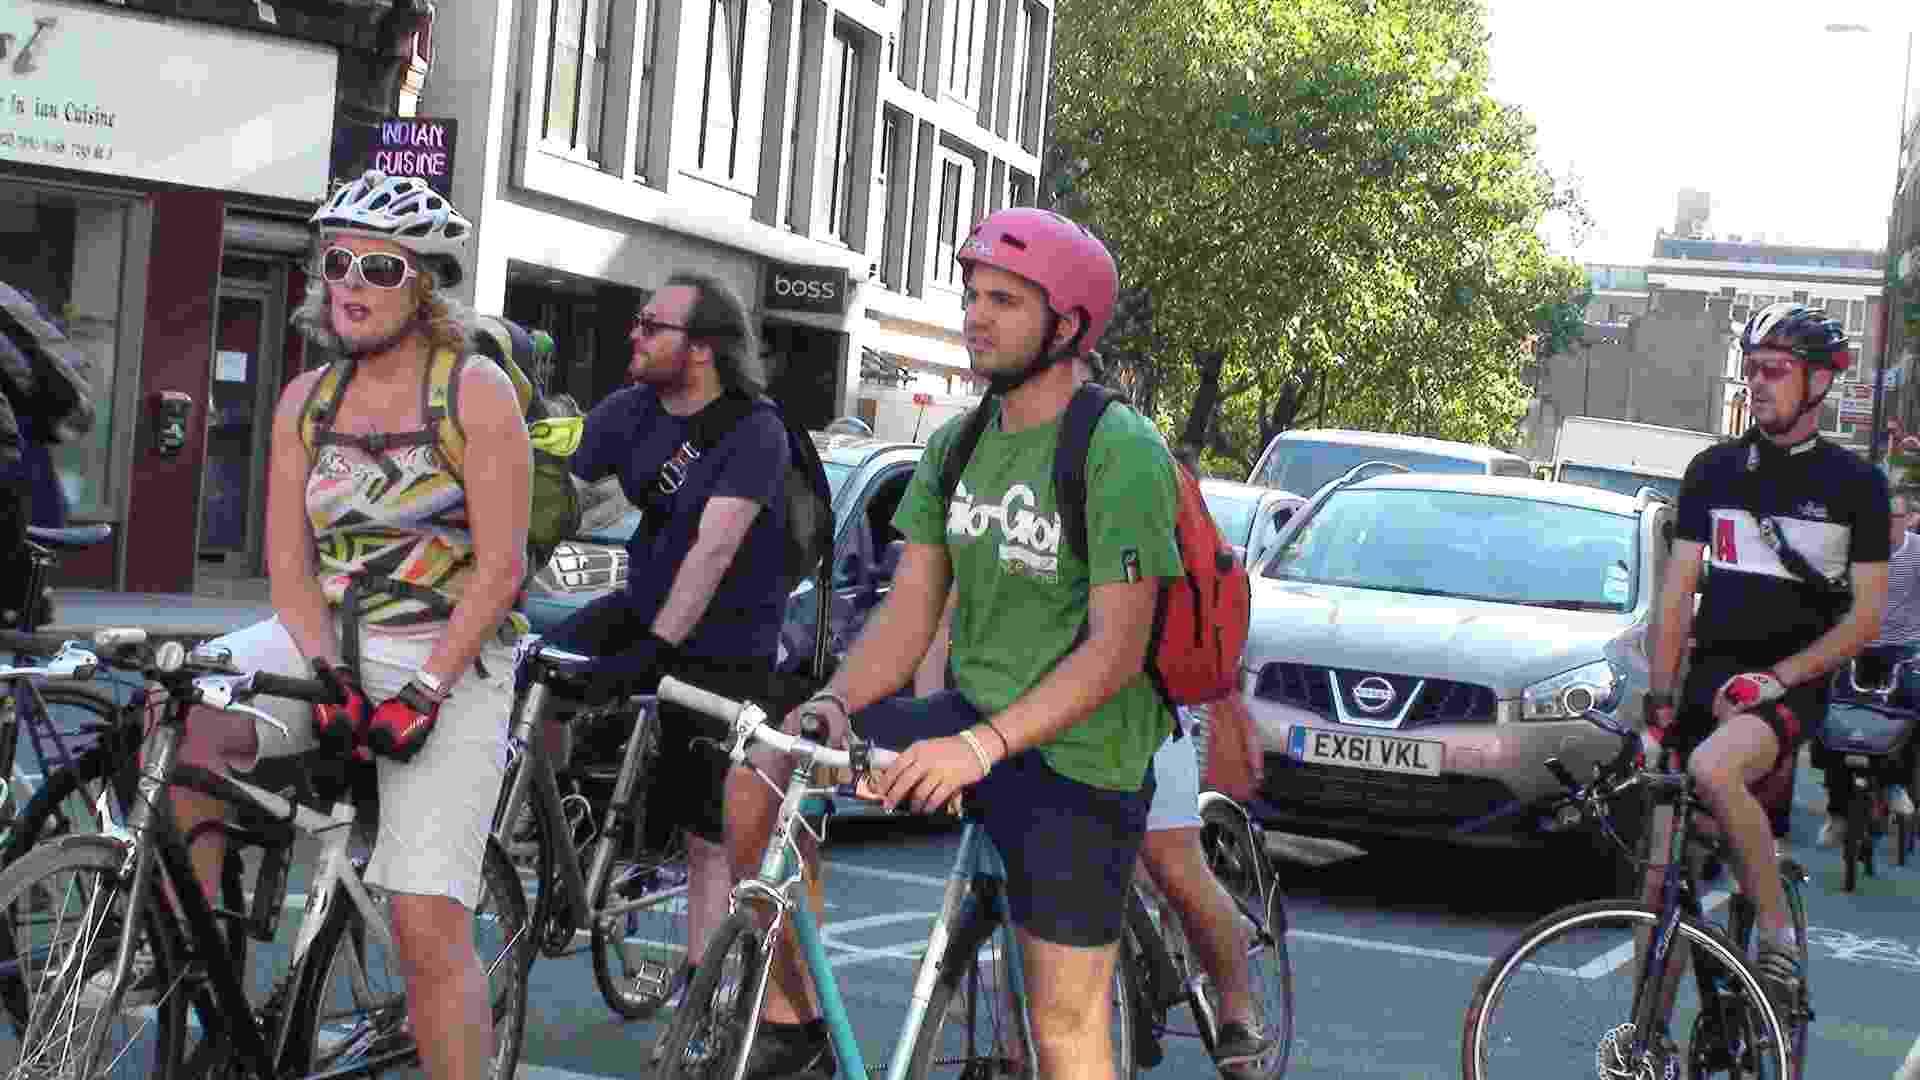 Ciclistas esperam semáforo abrir em cruzamento na região leste de Londres - Rodrigo Bertolotto/UOL